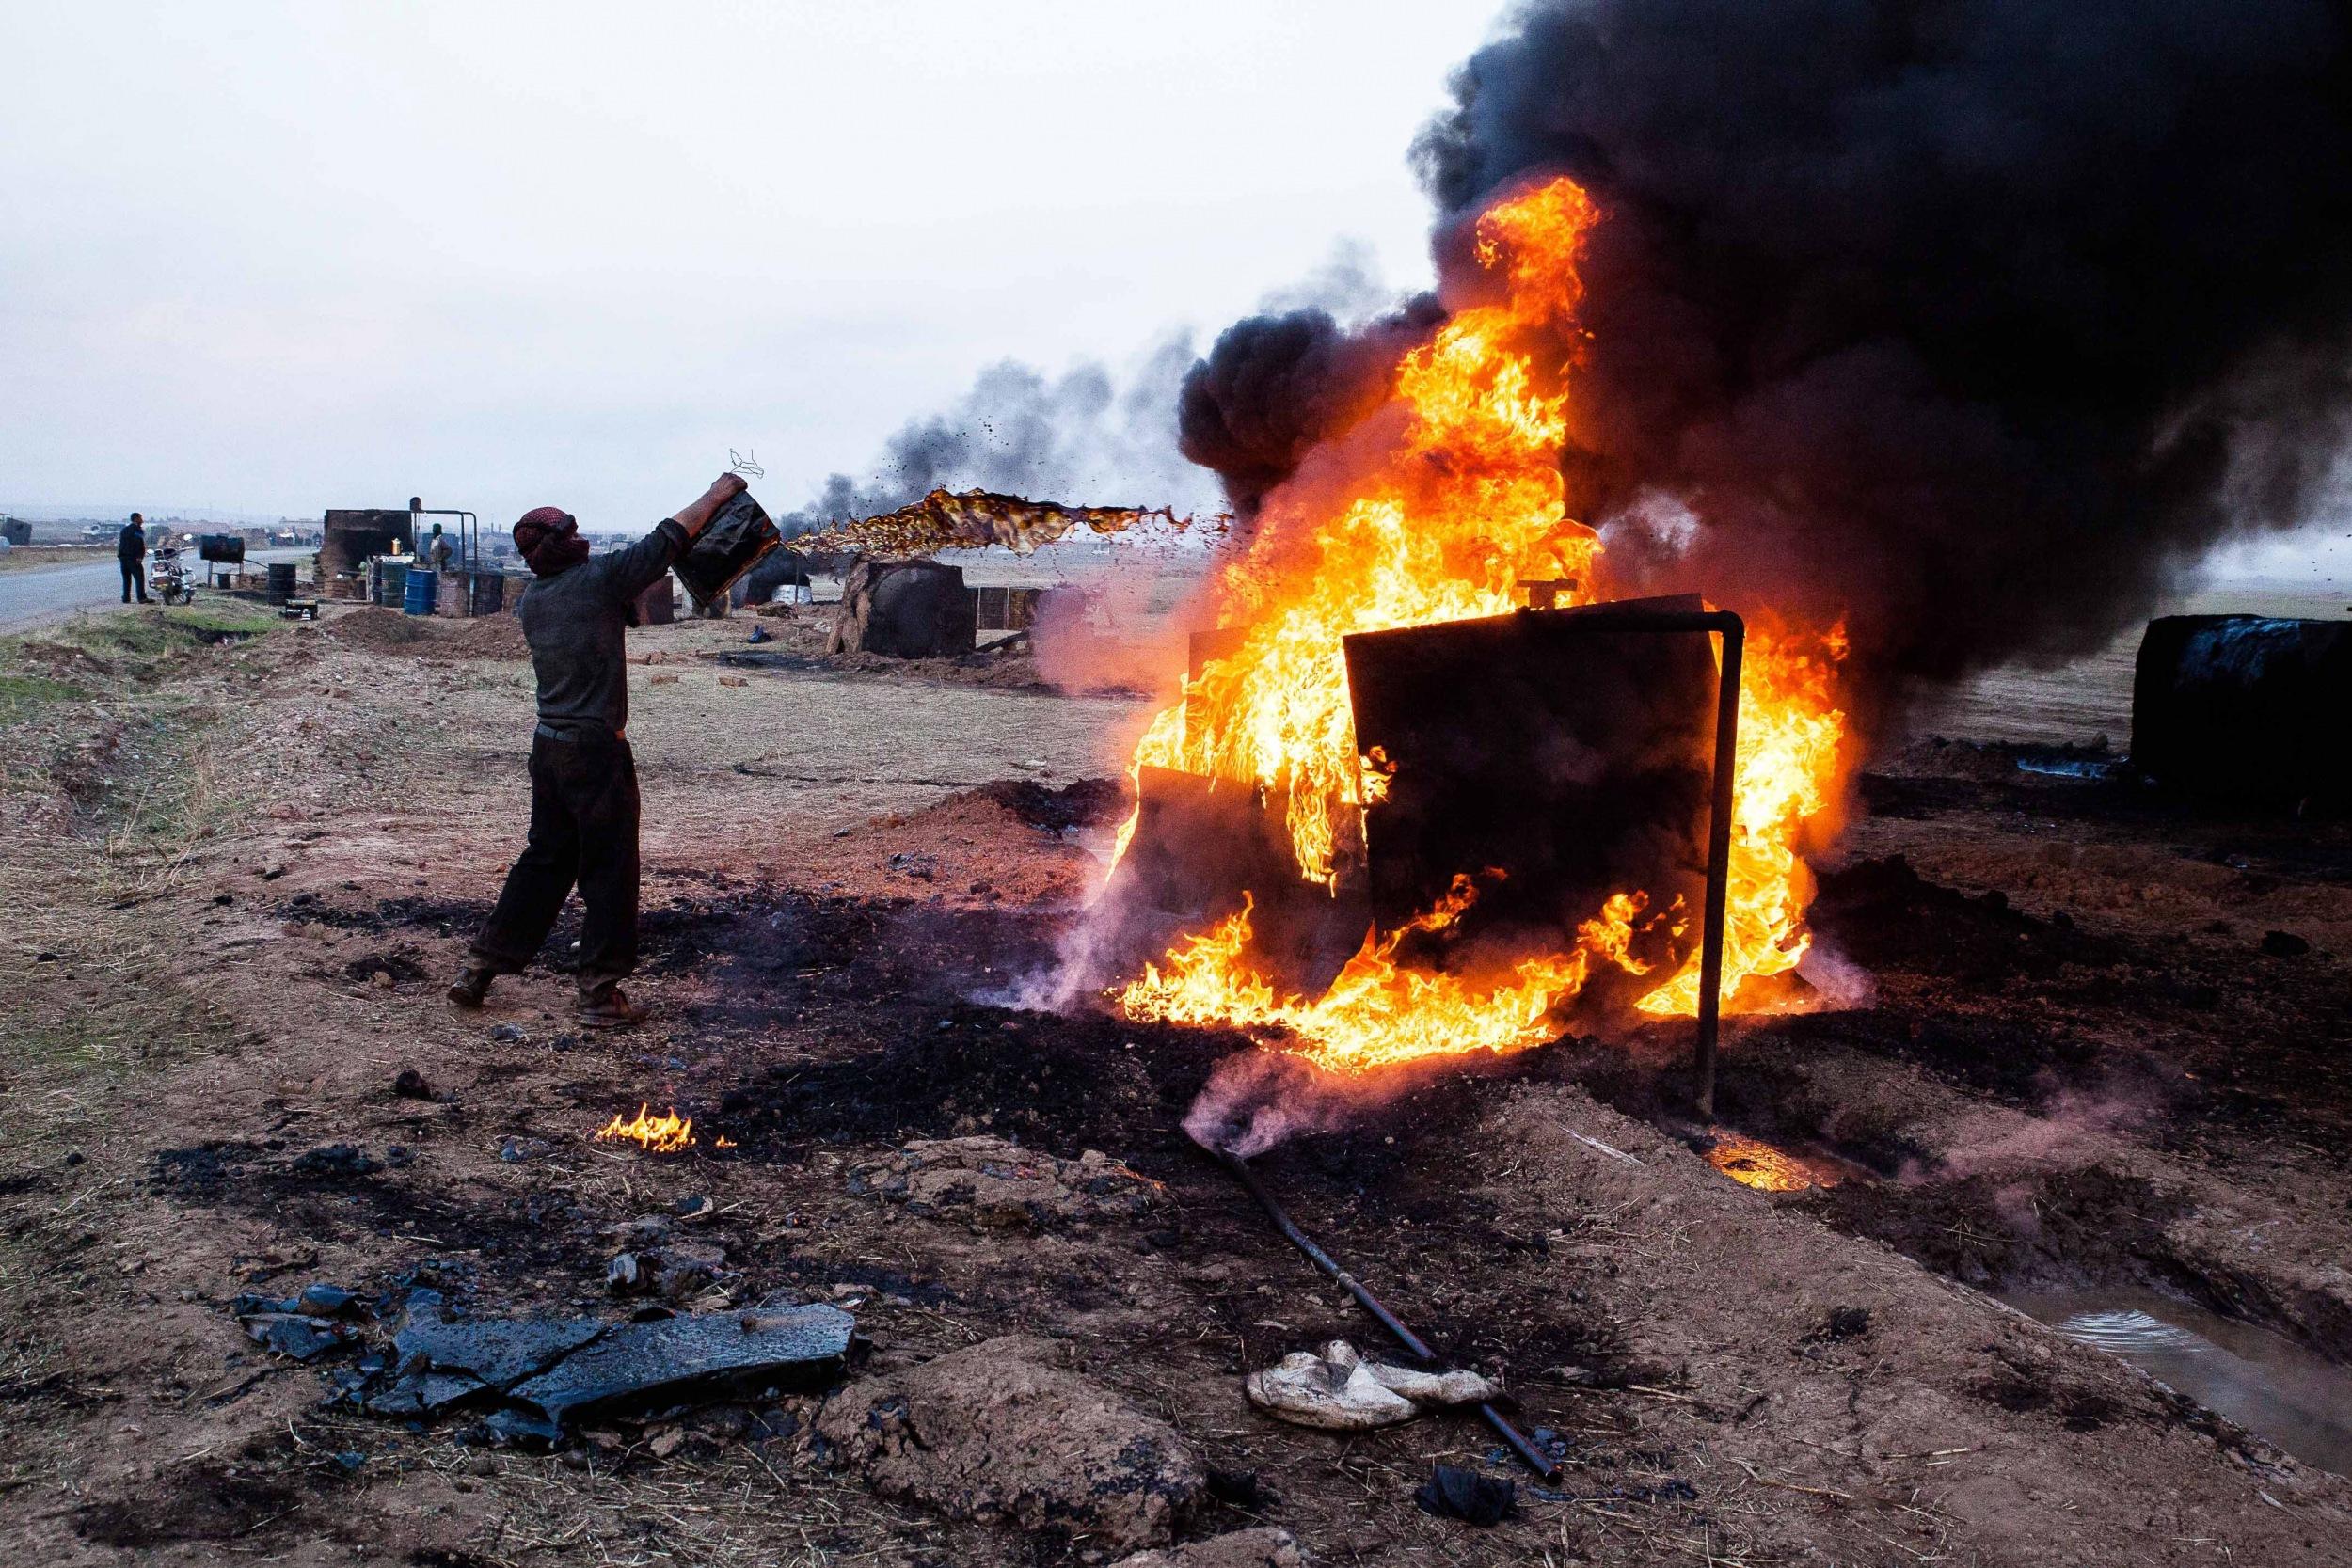 Zivilisten fördern in der Region Hasahak im Nordosten Syriens Erdöl unter zum Teil extrem gefährlichen Bedingungen.